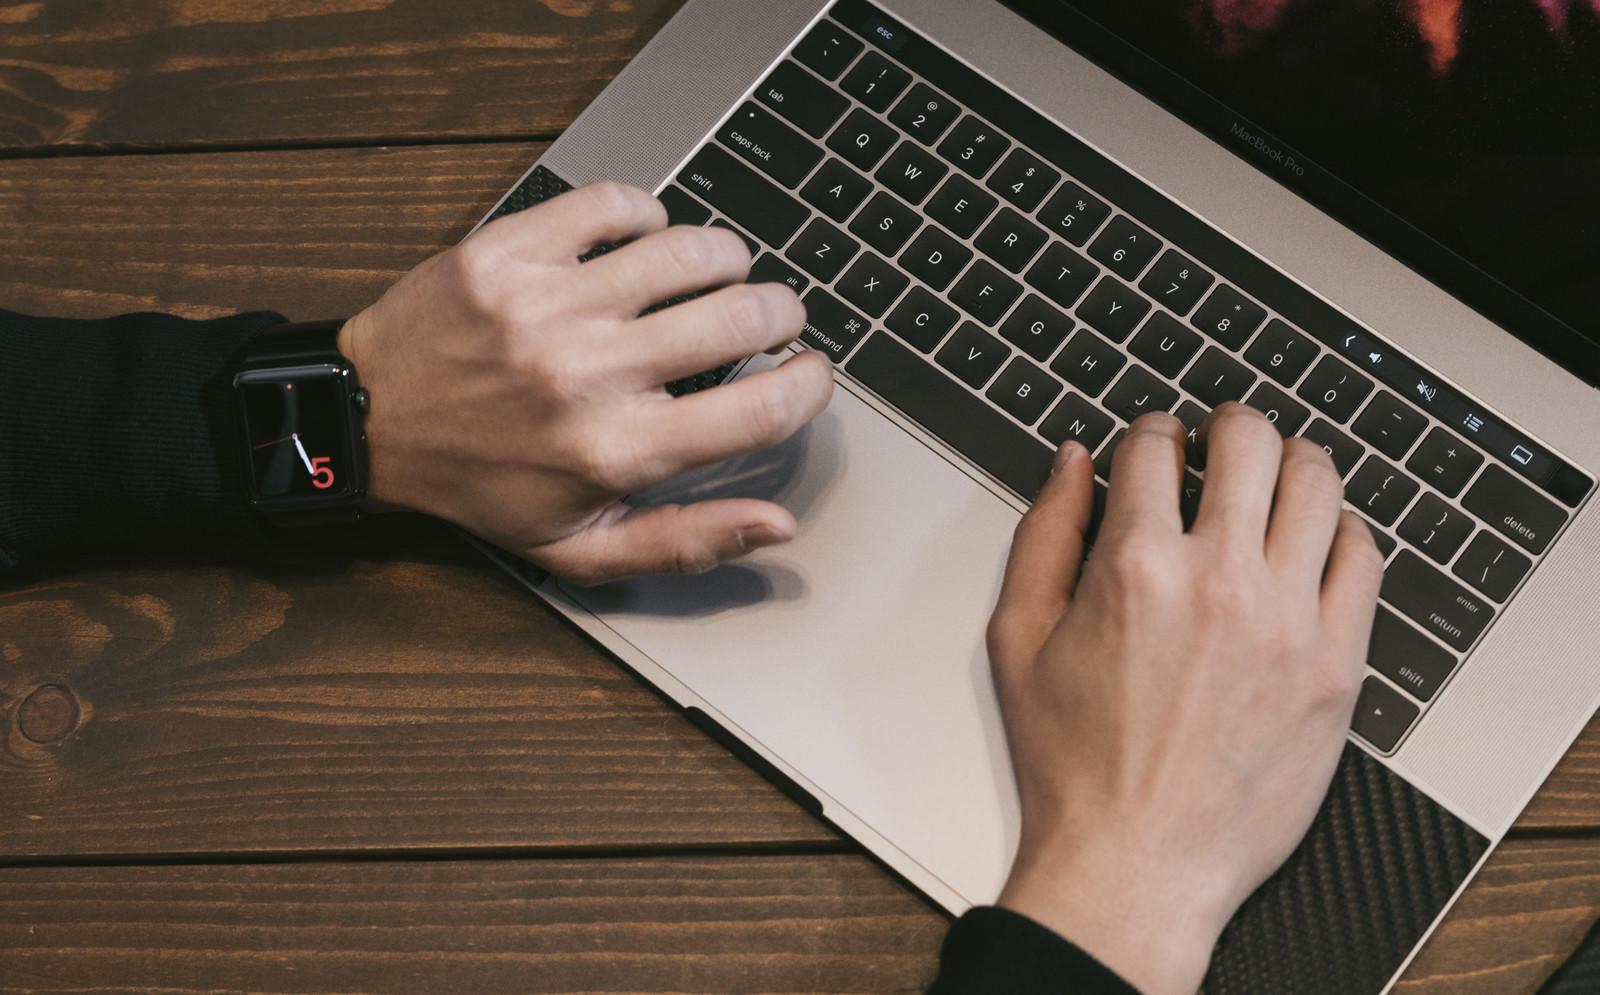 「スマートウォッチで時間を気にするライター」の写真